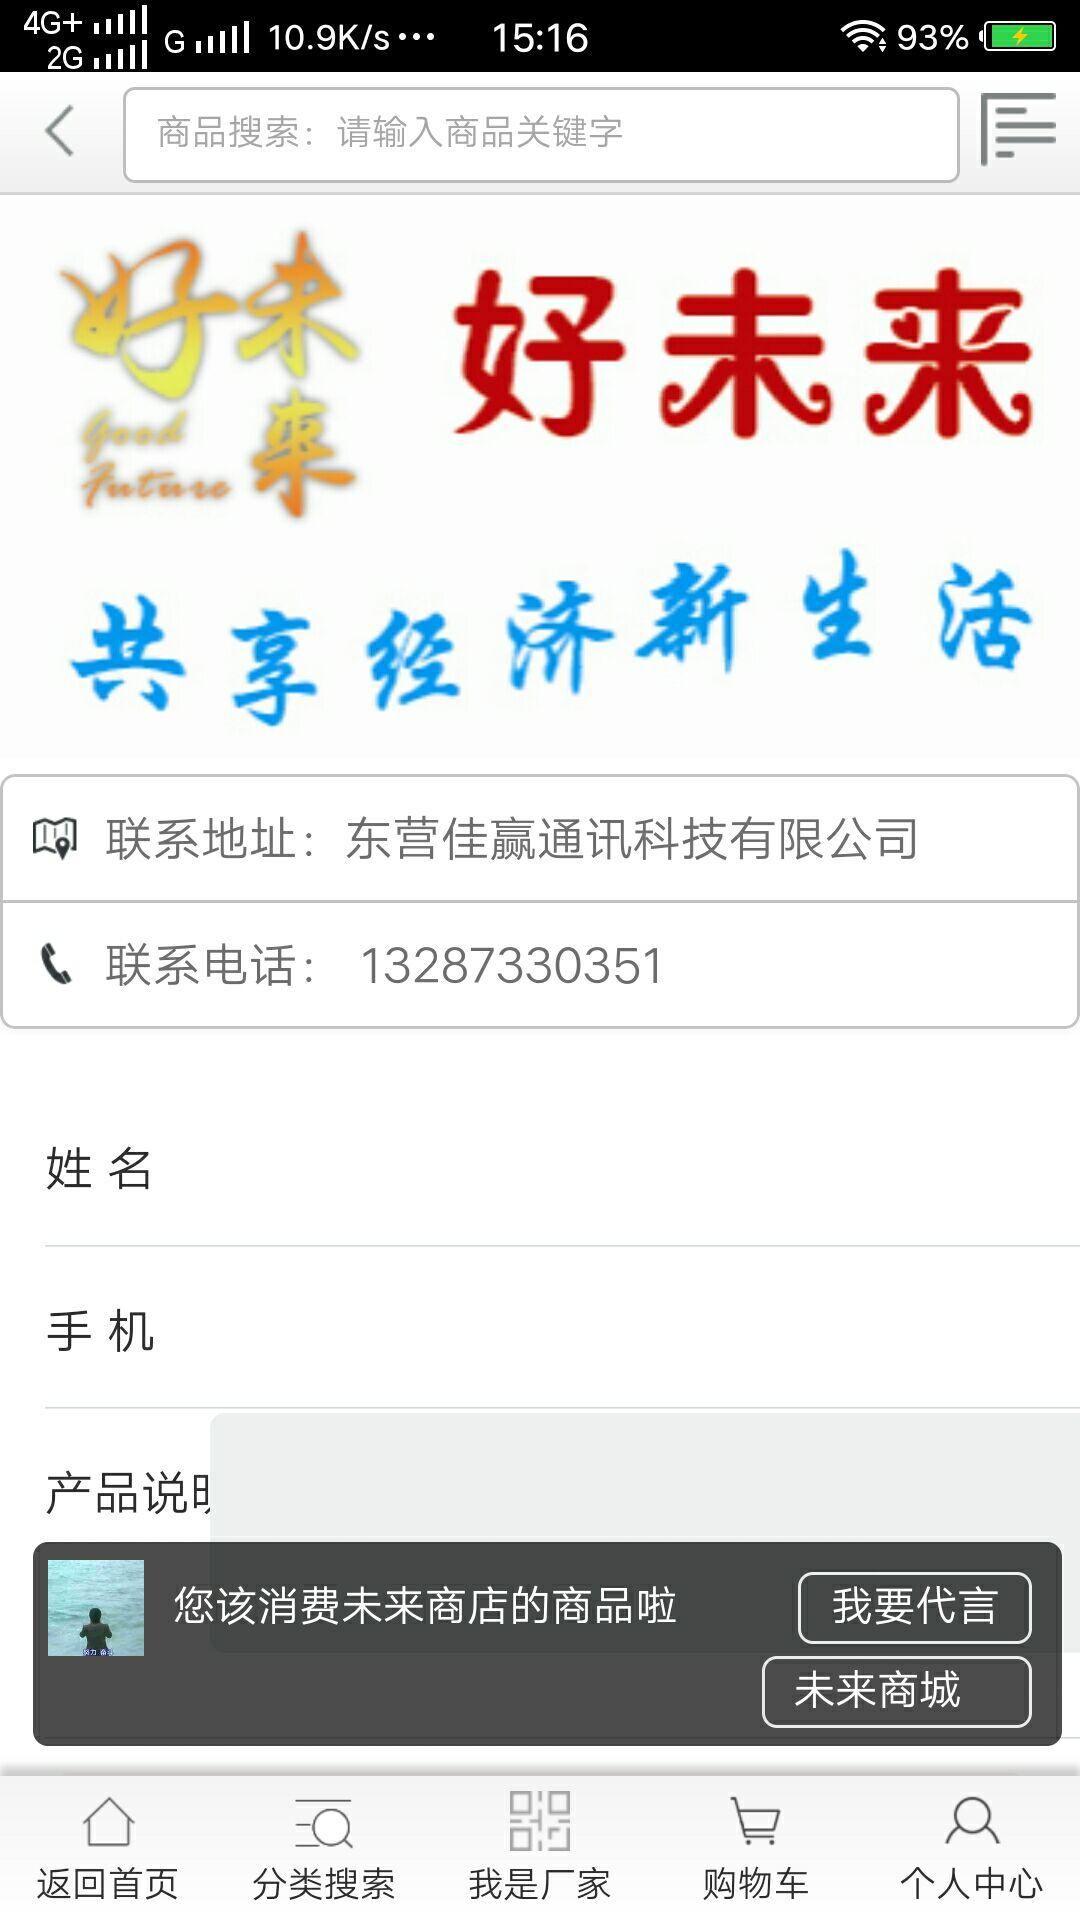 佳赢好未来商城app下载手机版图3: